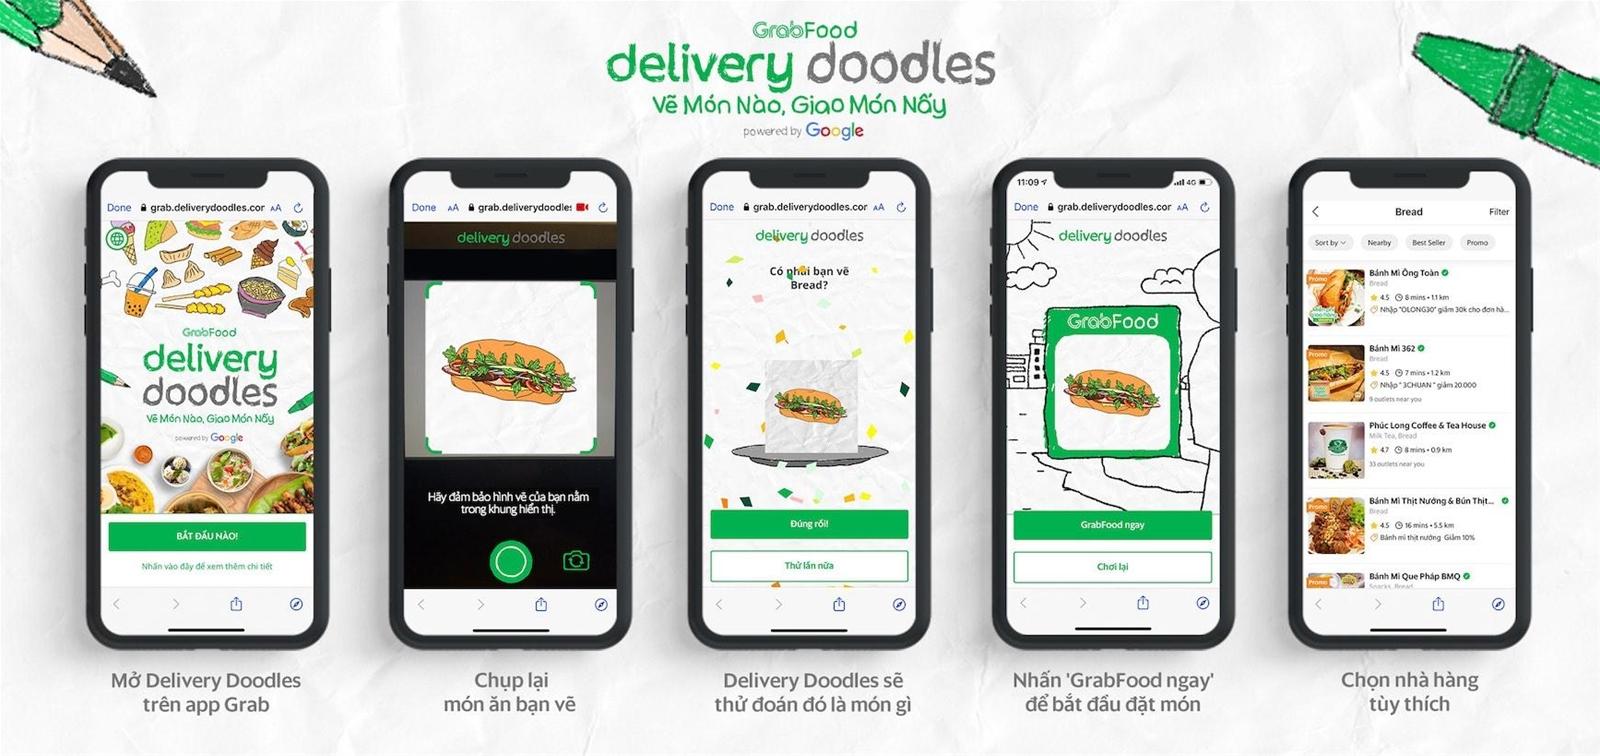 Grab ra mắt Delivery Doodles, biến nét vẽ nghịch ngợm của trẻ thành món ăn